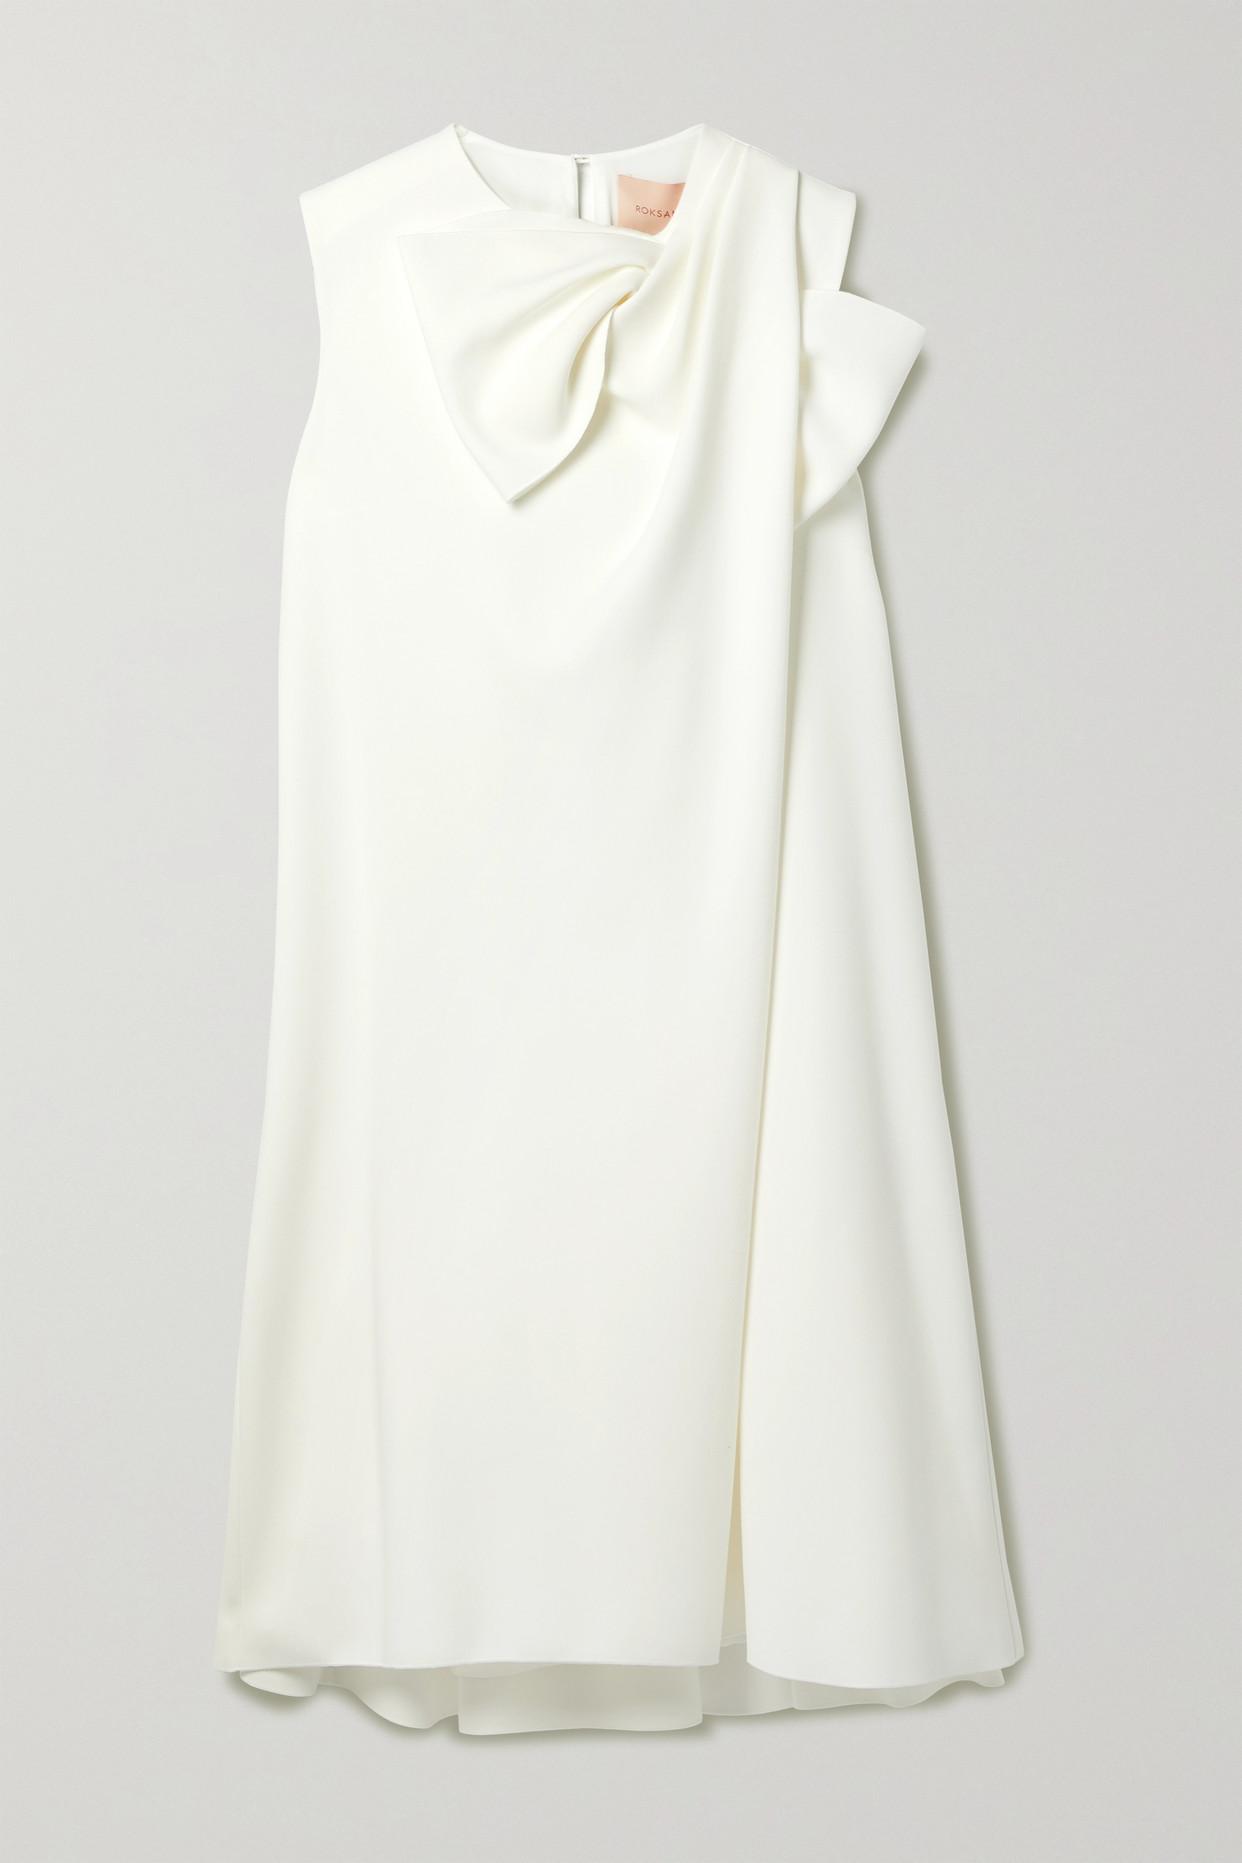 ROKSANDA - Selena Bow-embellished Crepe Mini Dress - Ivory - UK12